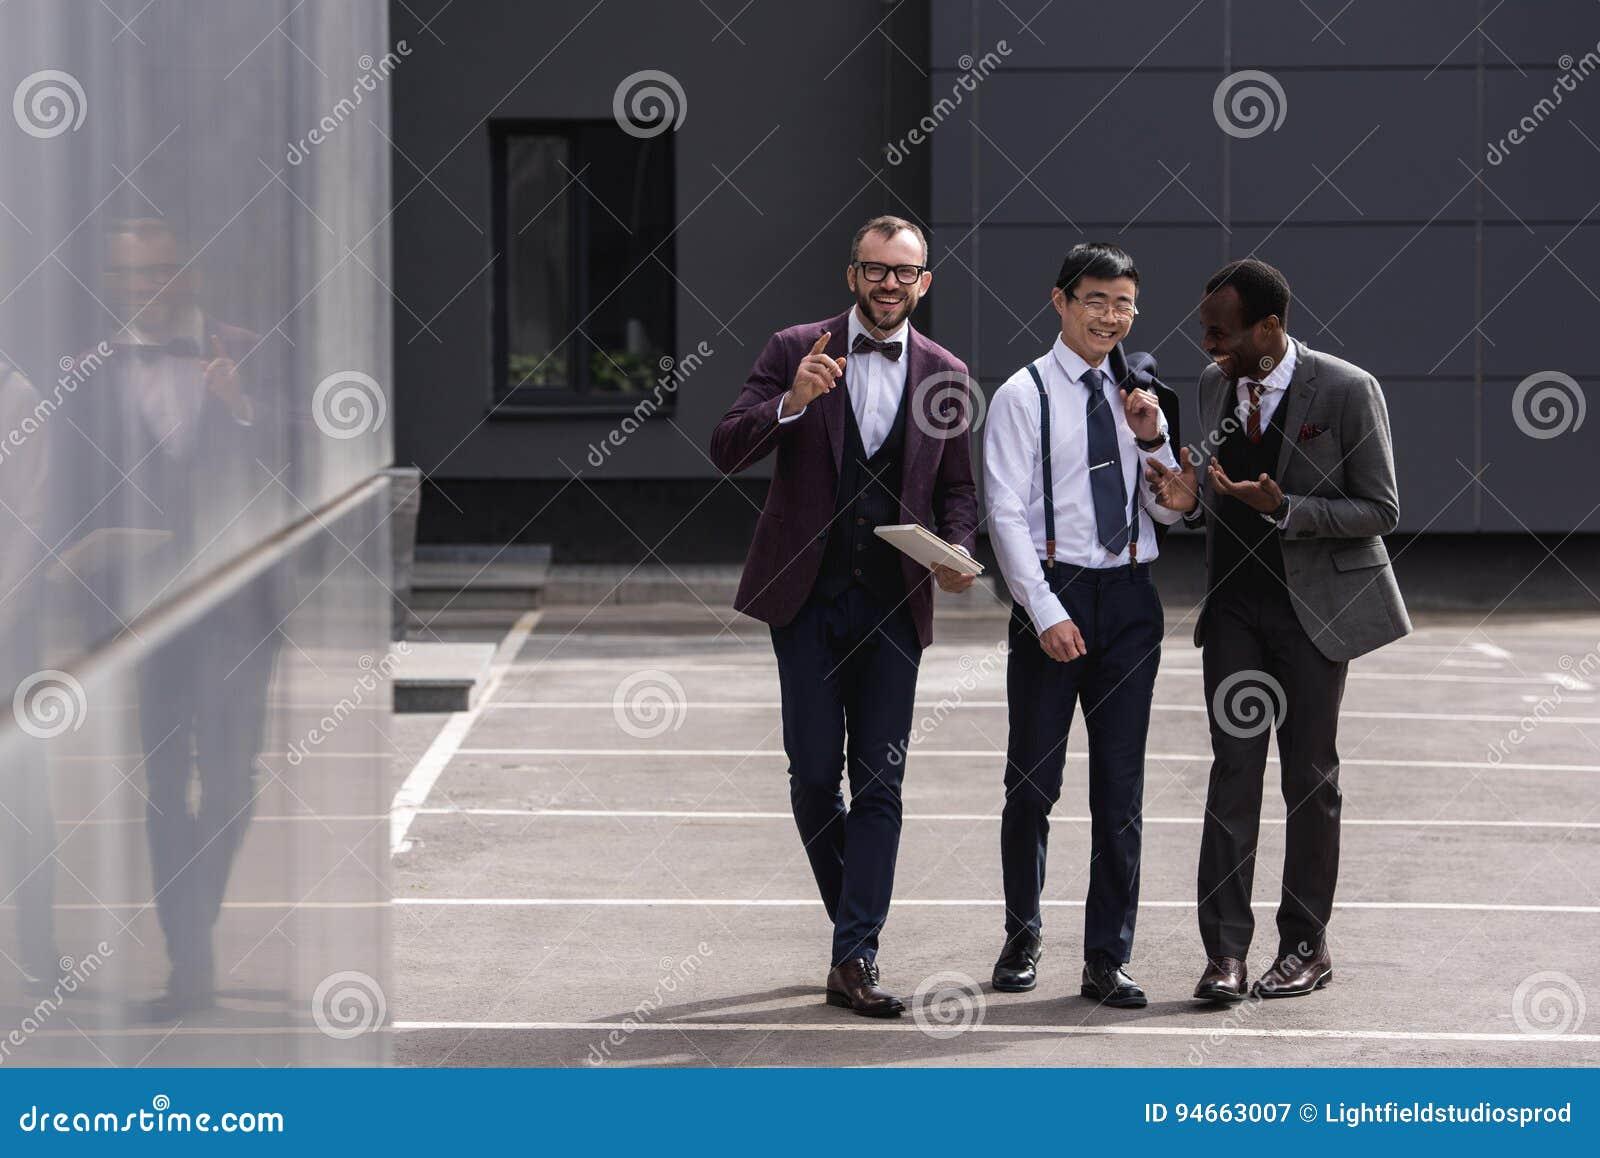 Wielokulturowy biznes drużyny odprowadzenie na ulicznym pobliskim nowożytnym budynku biurowym